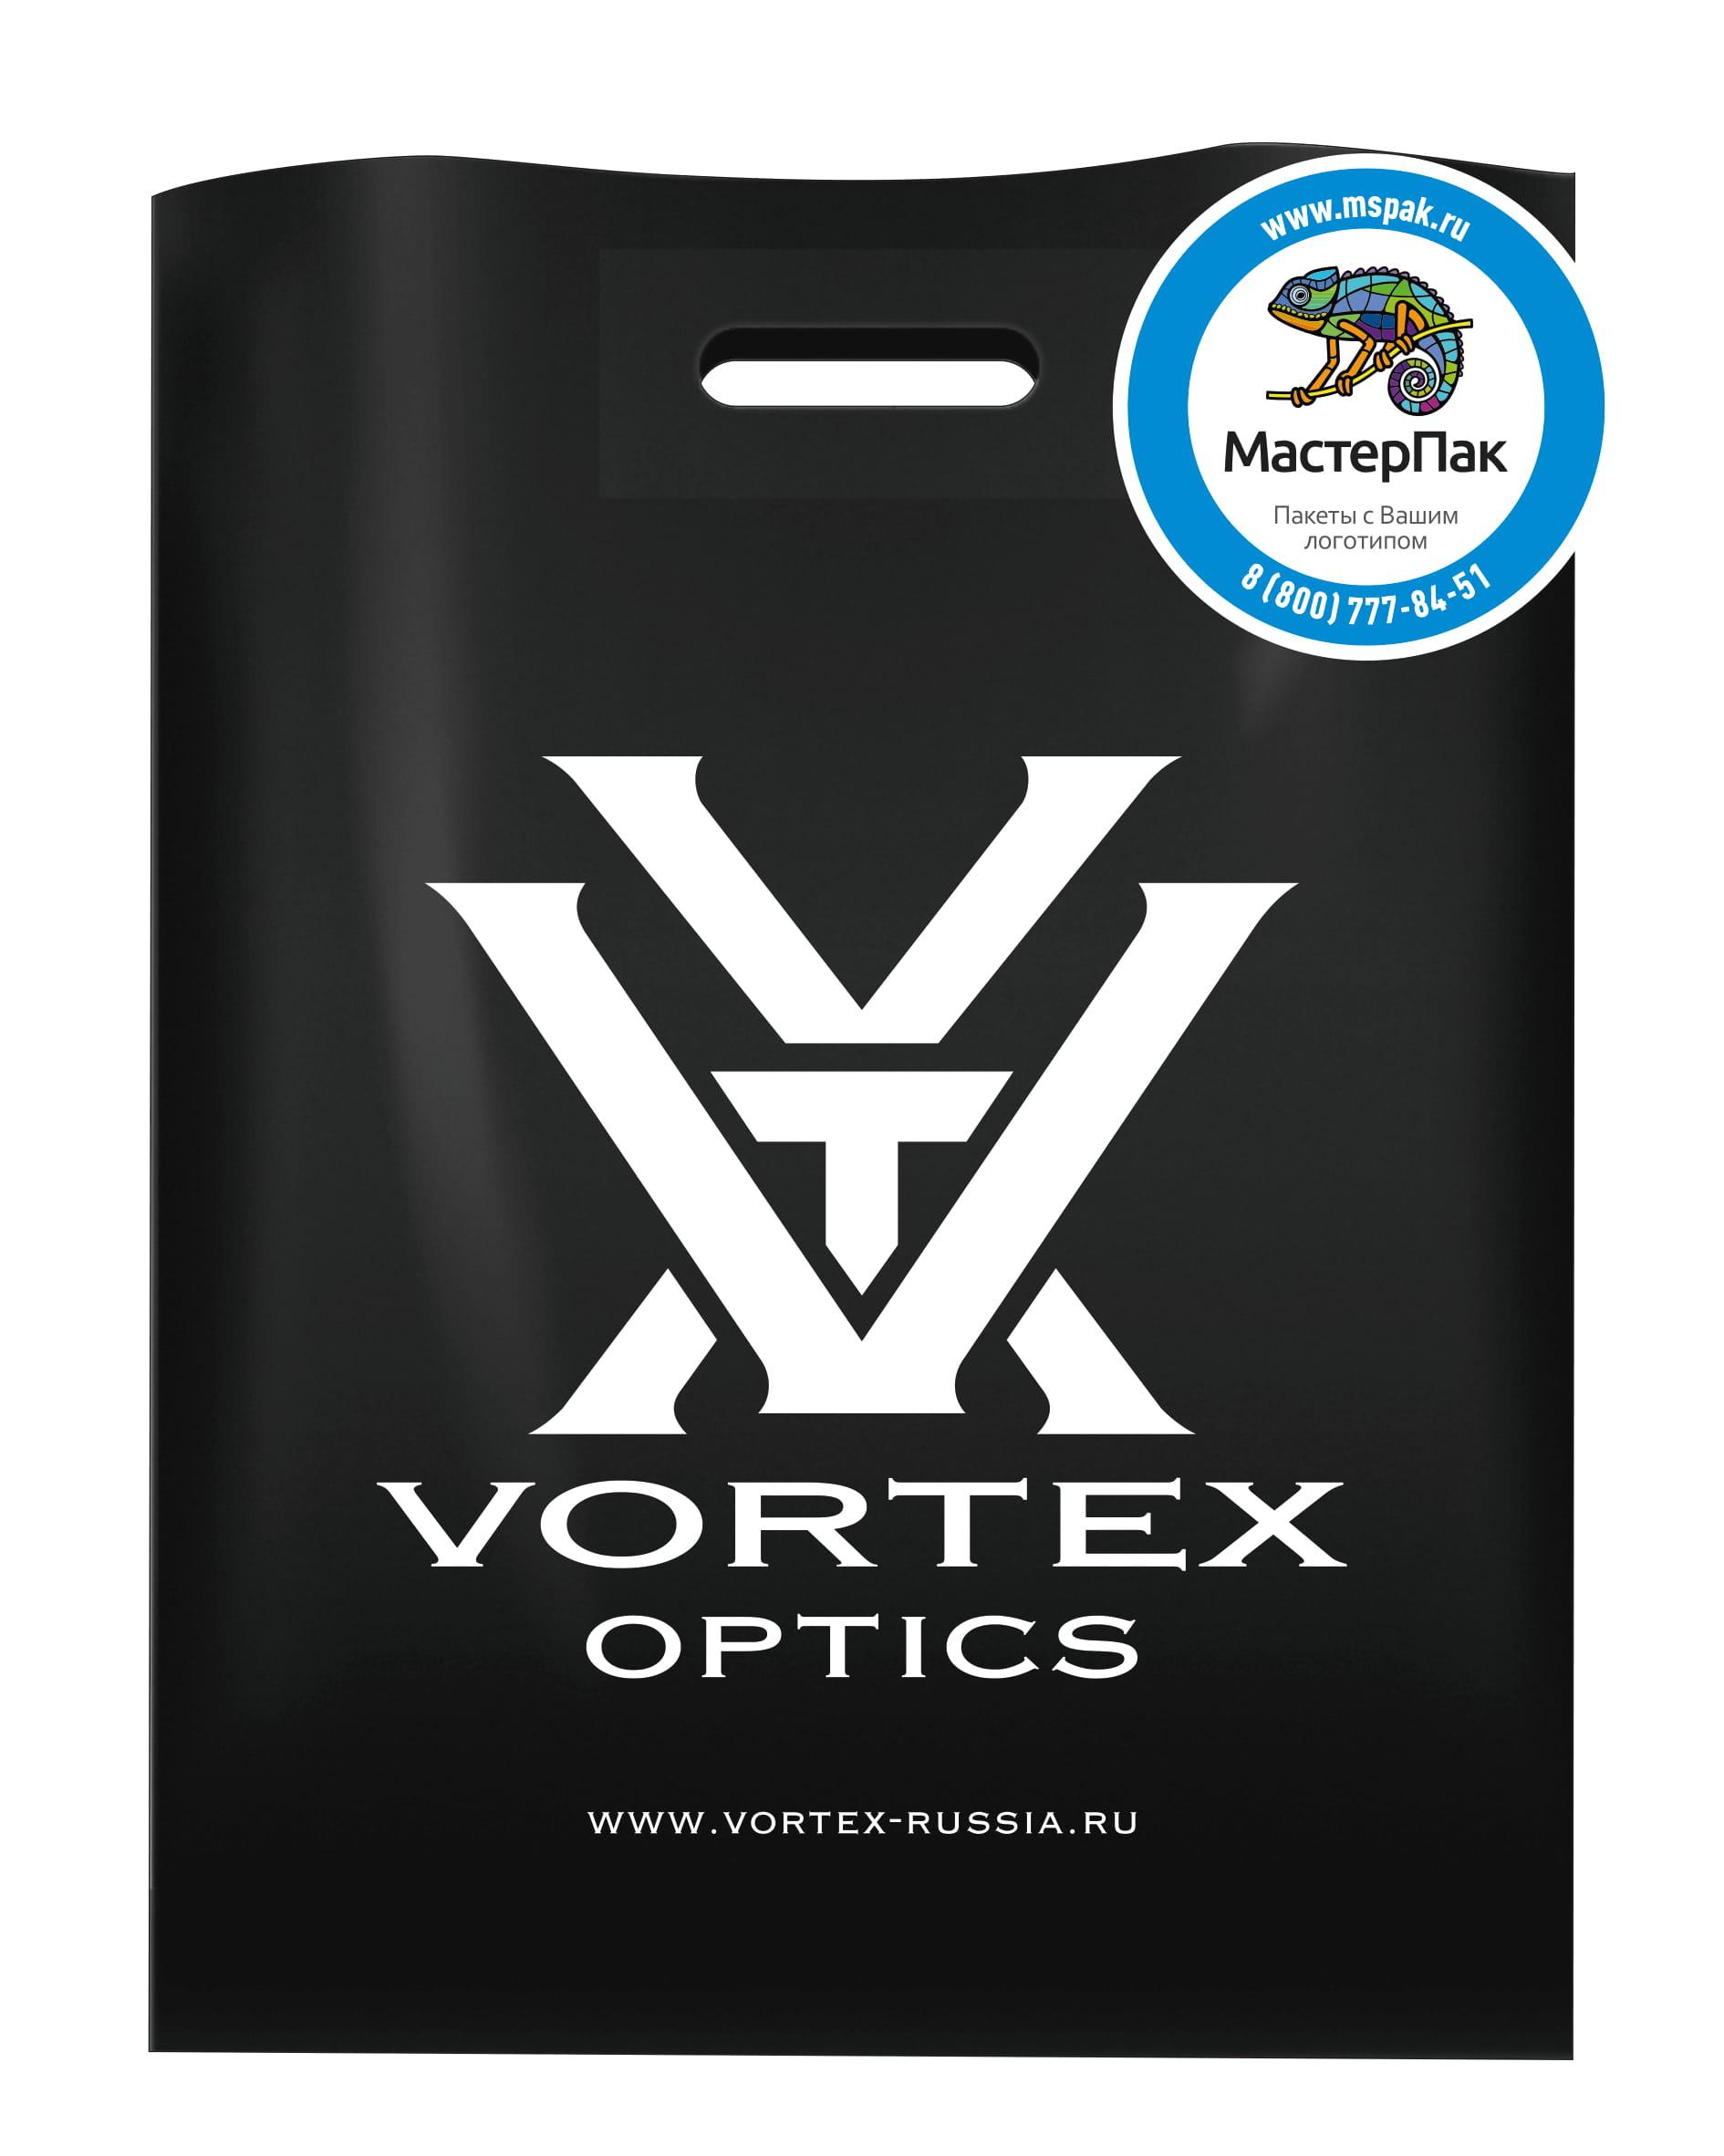 Пакет ПВД с логотипом Vortex Optics, Москва, черный